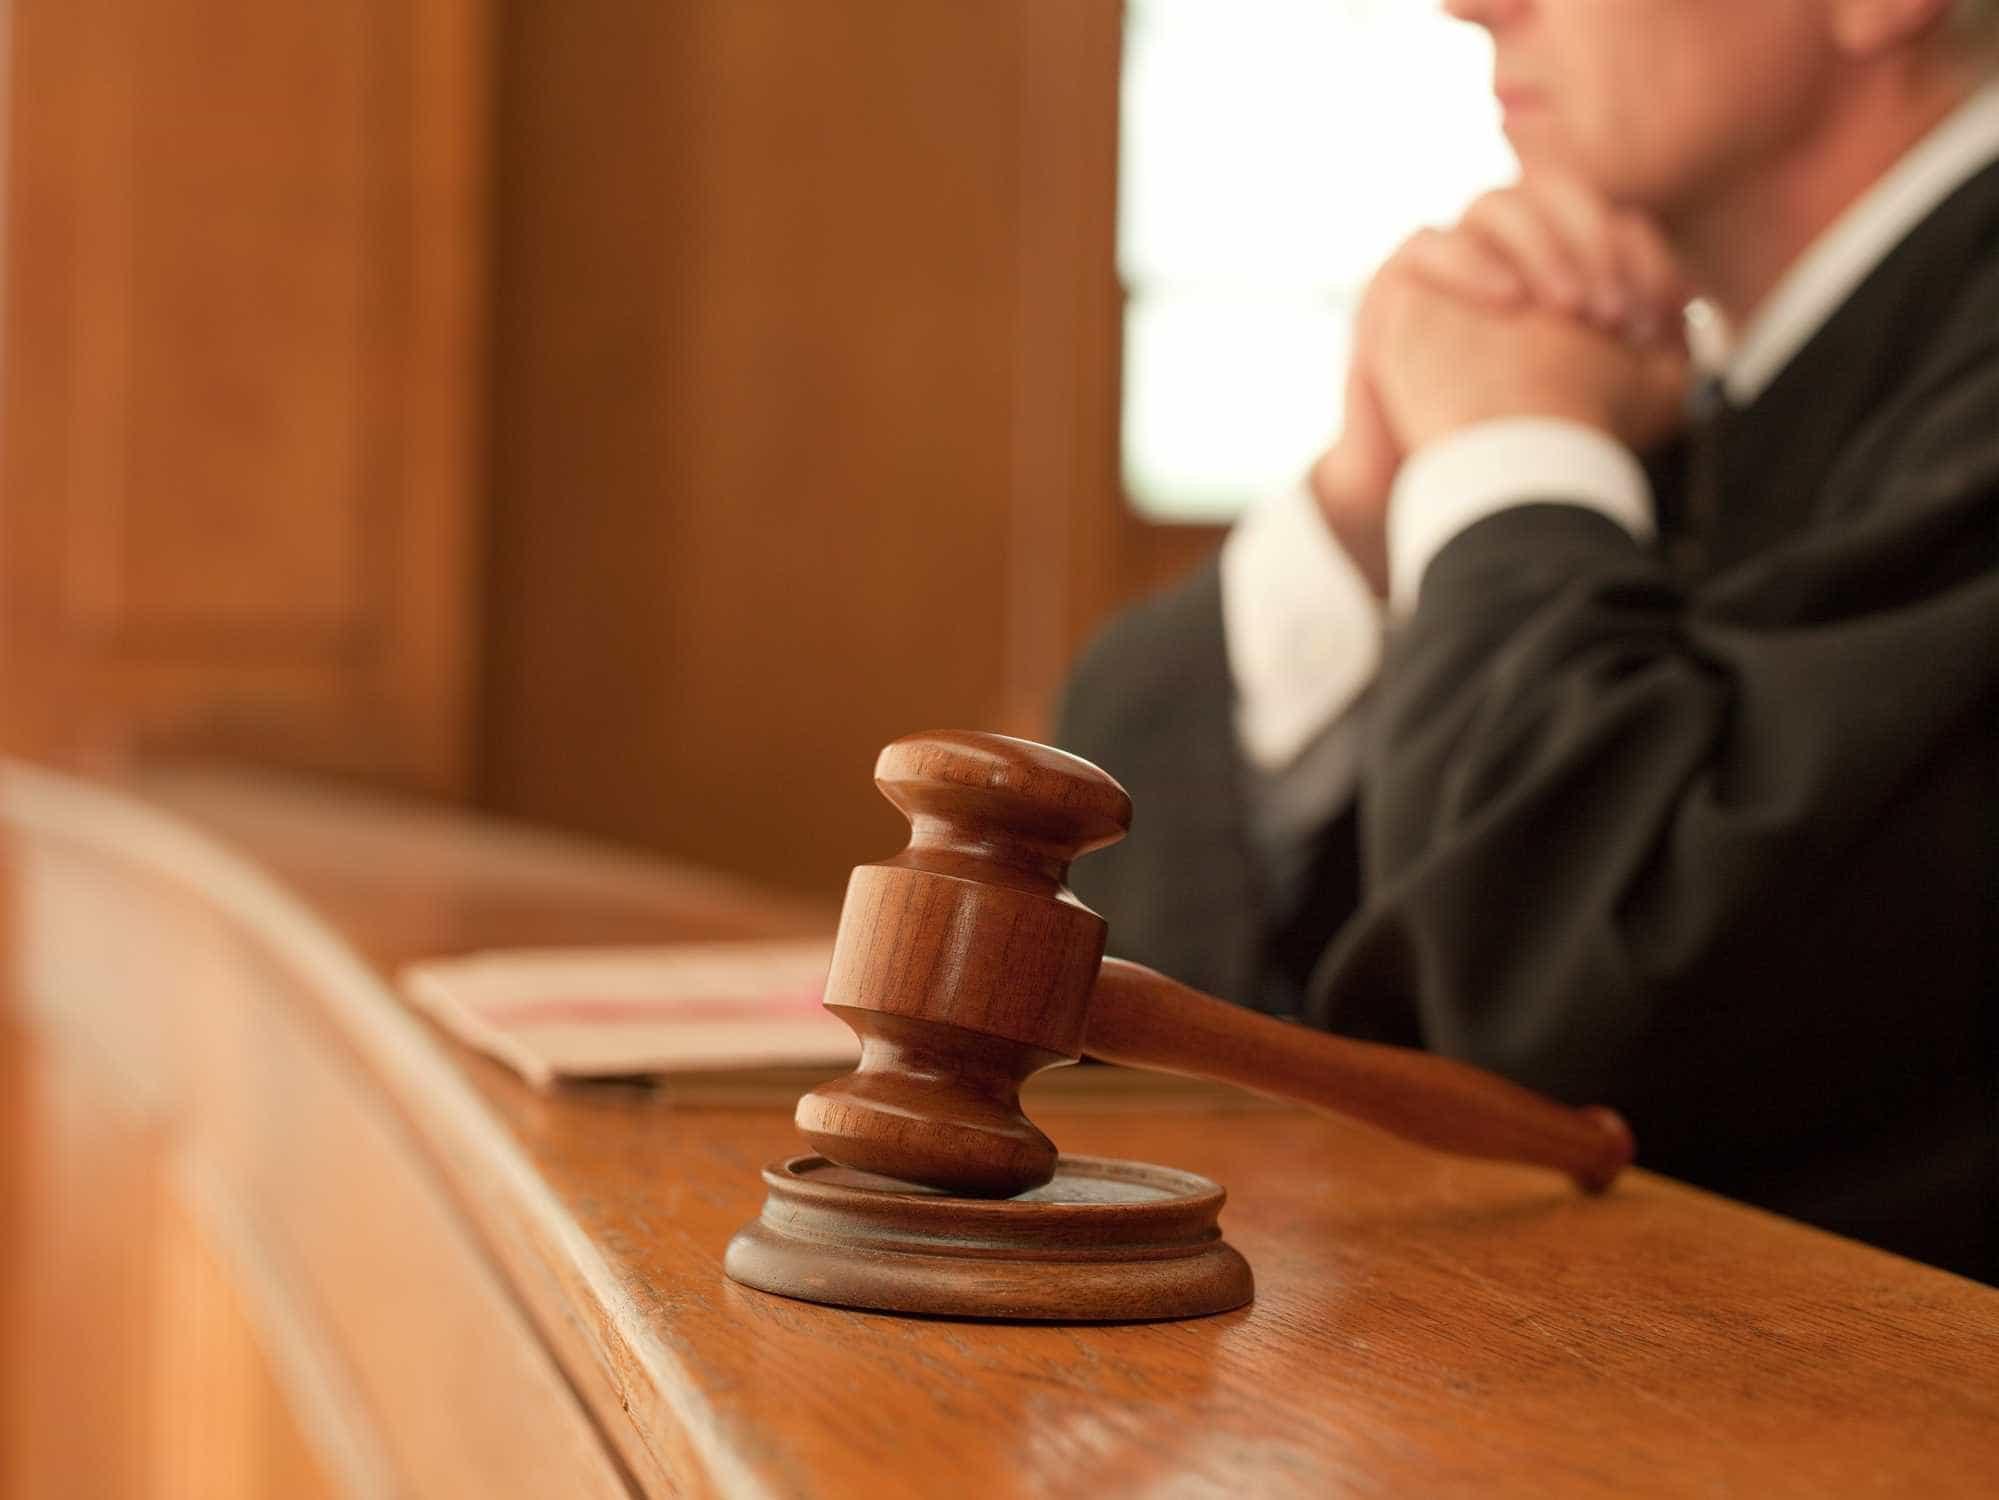 Homicida de jovem em Belverde, Seixal, condenado a 16 anos de prisão